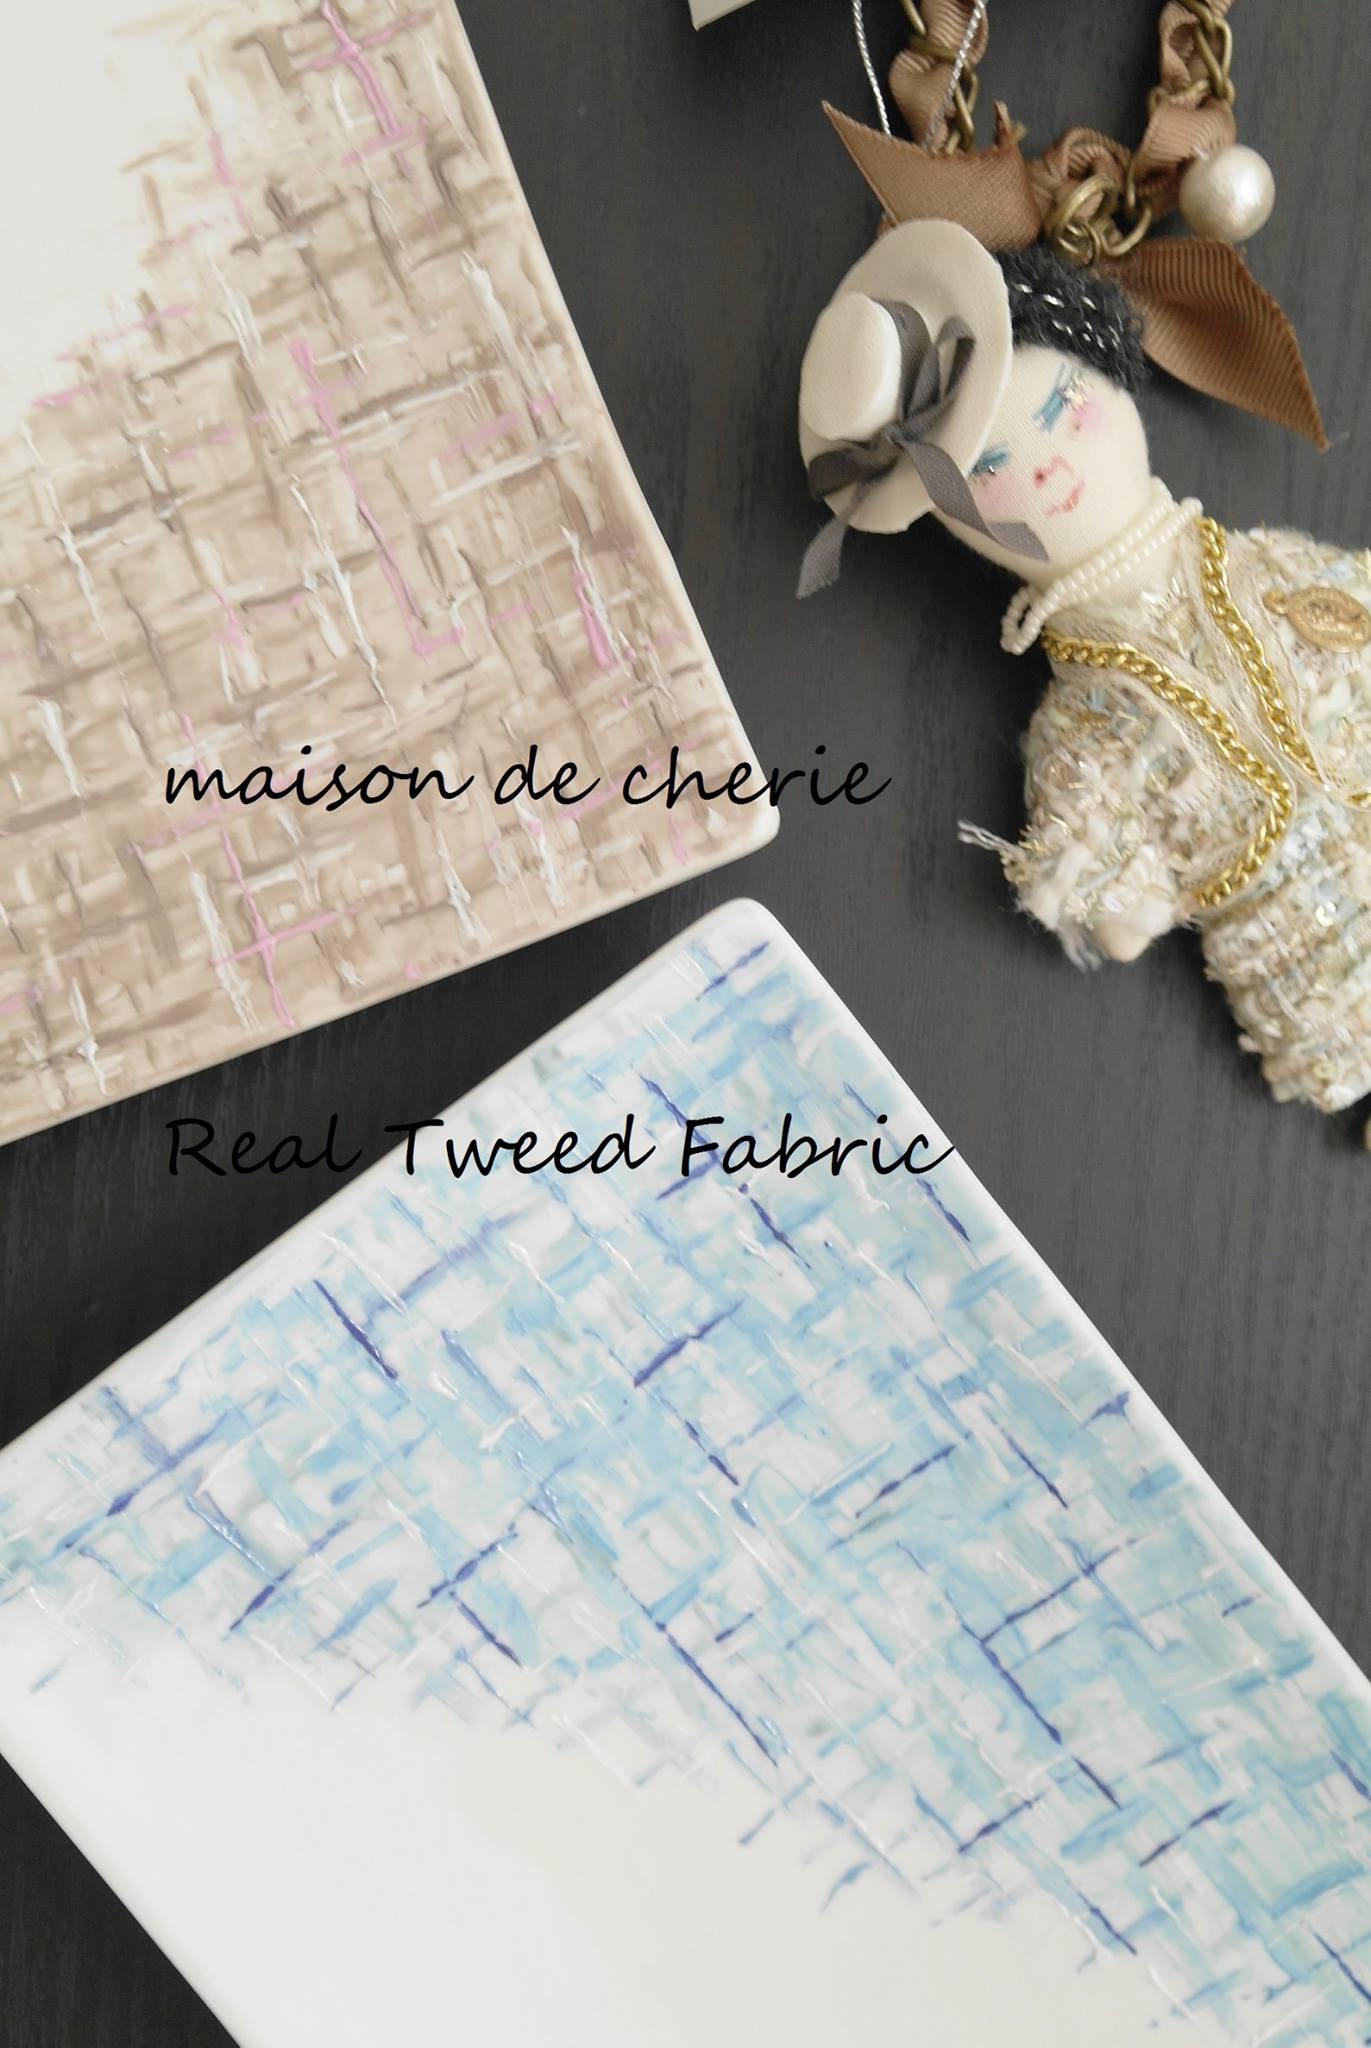 Real Tweed Pattern